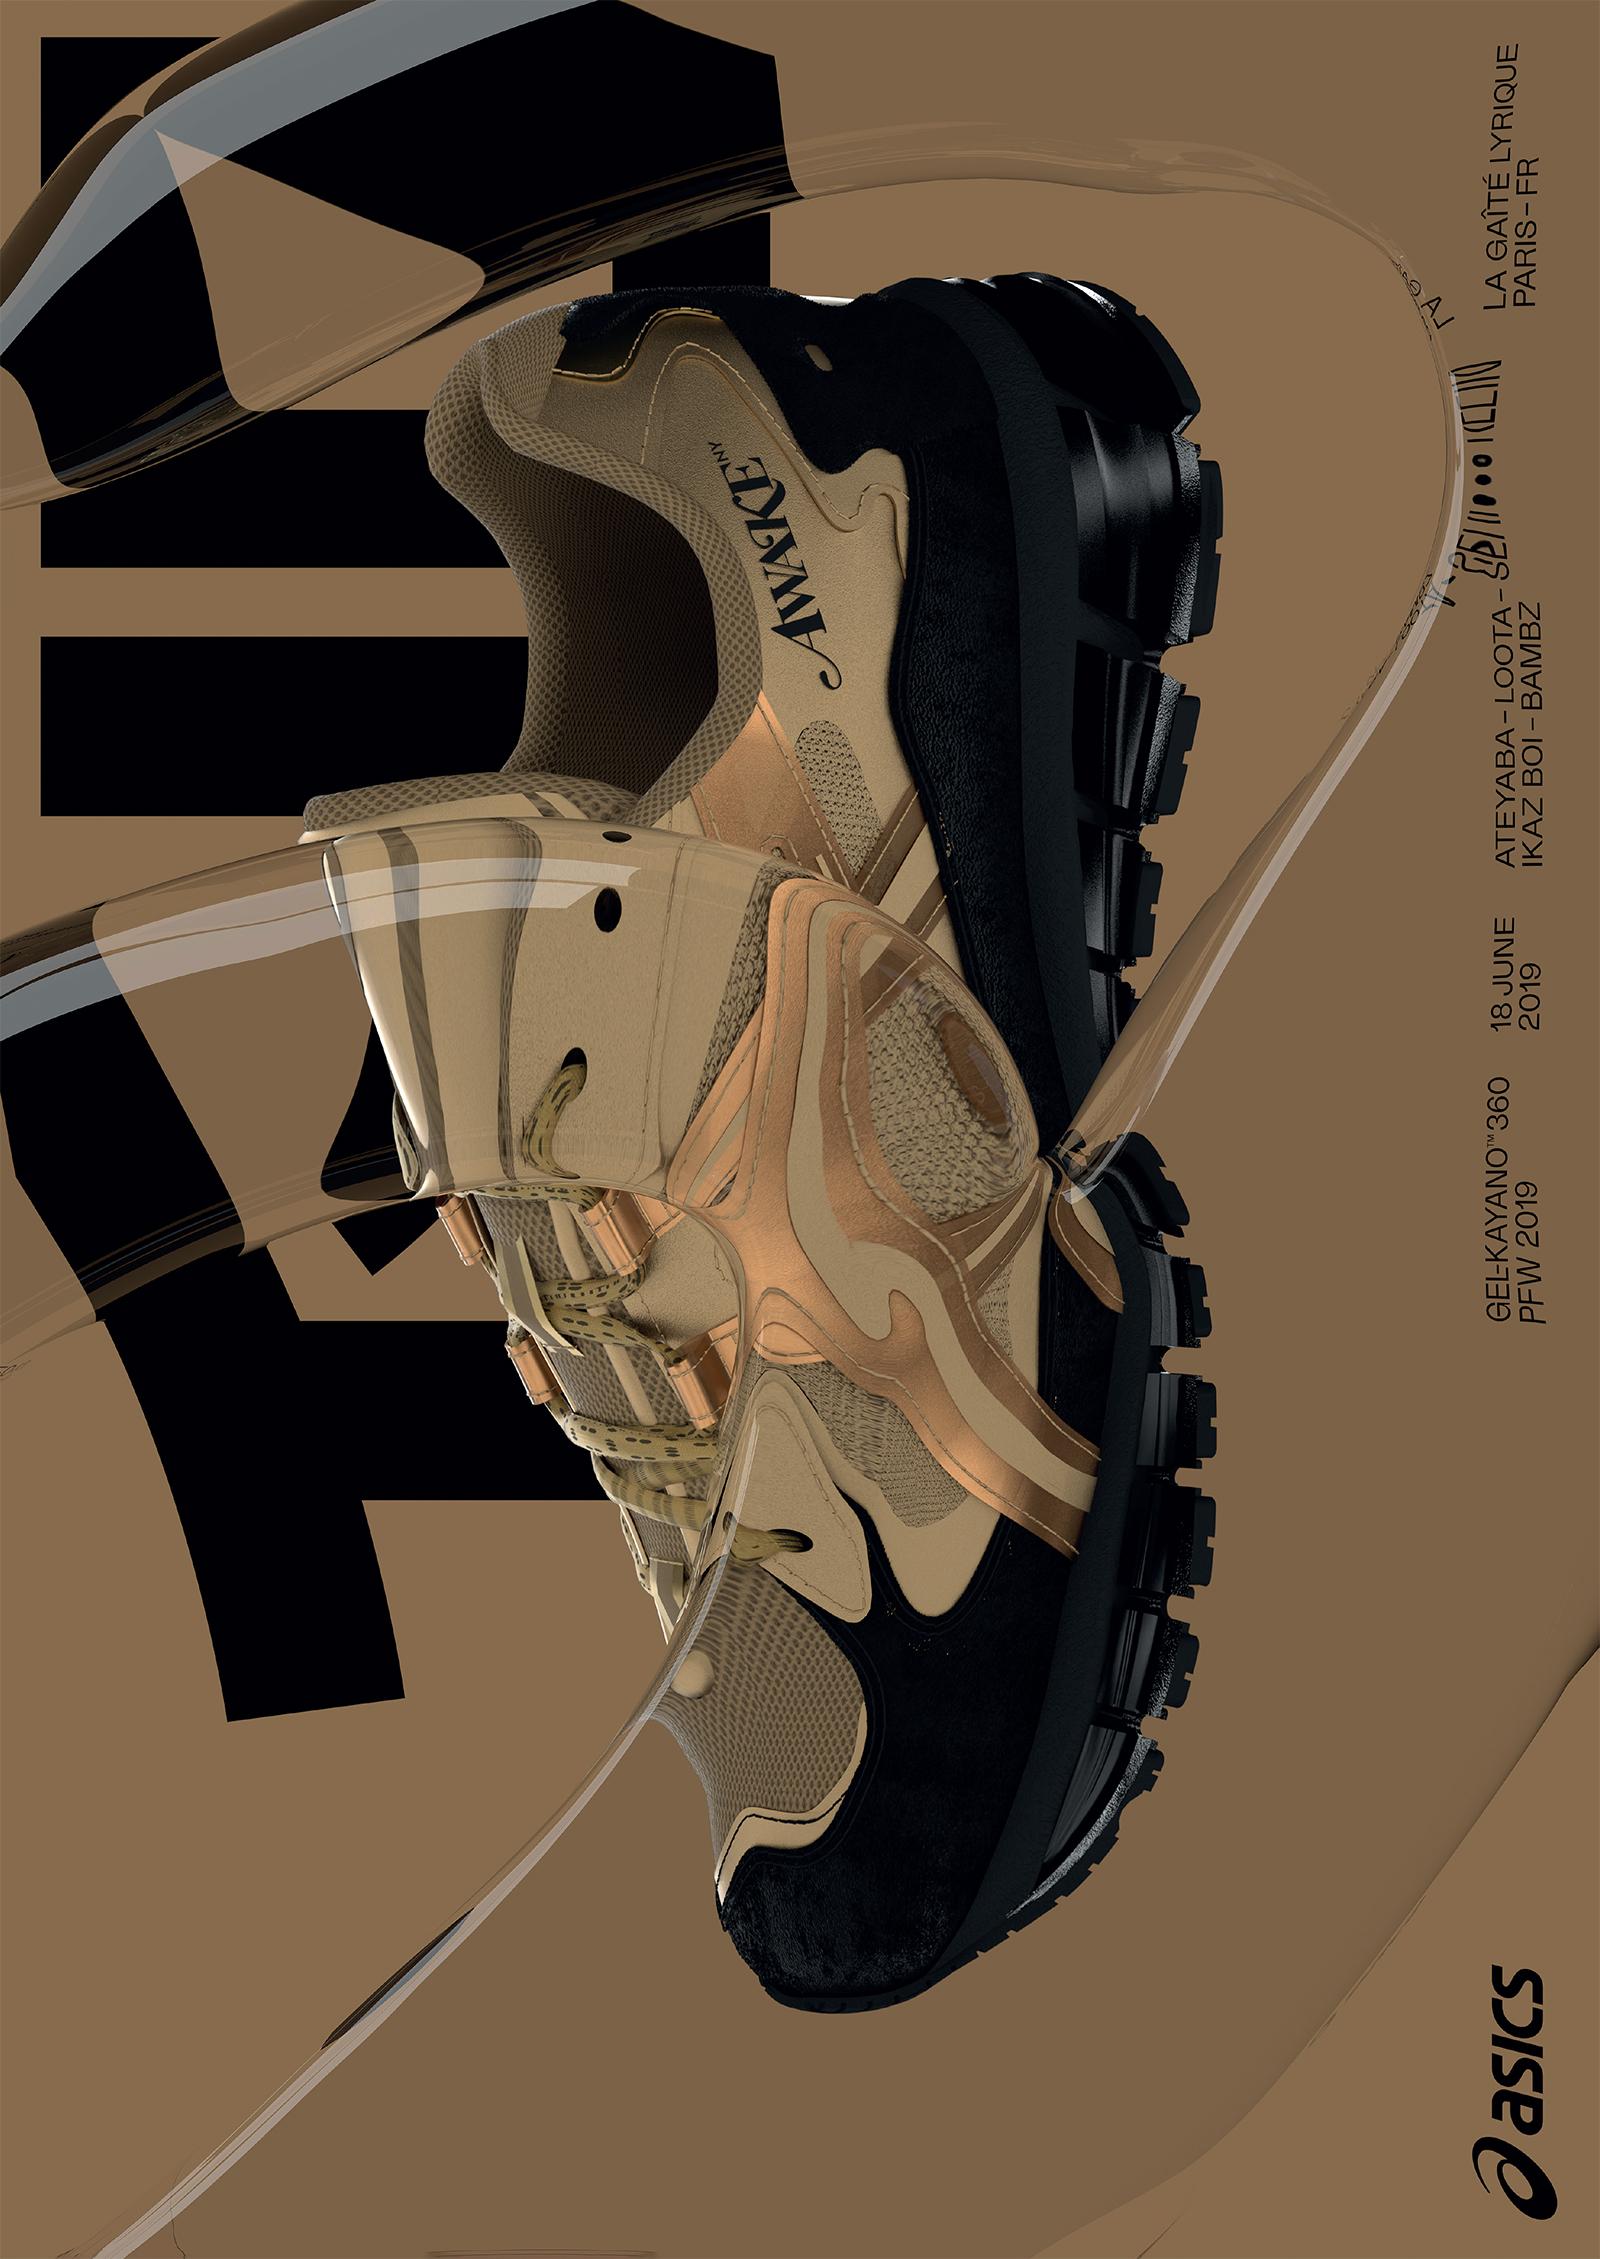 AR_Poster_1_still.jpg